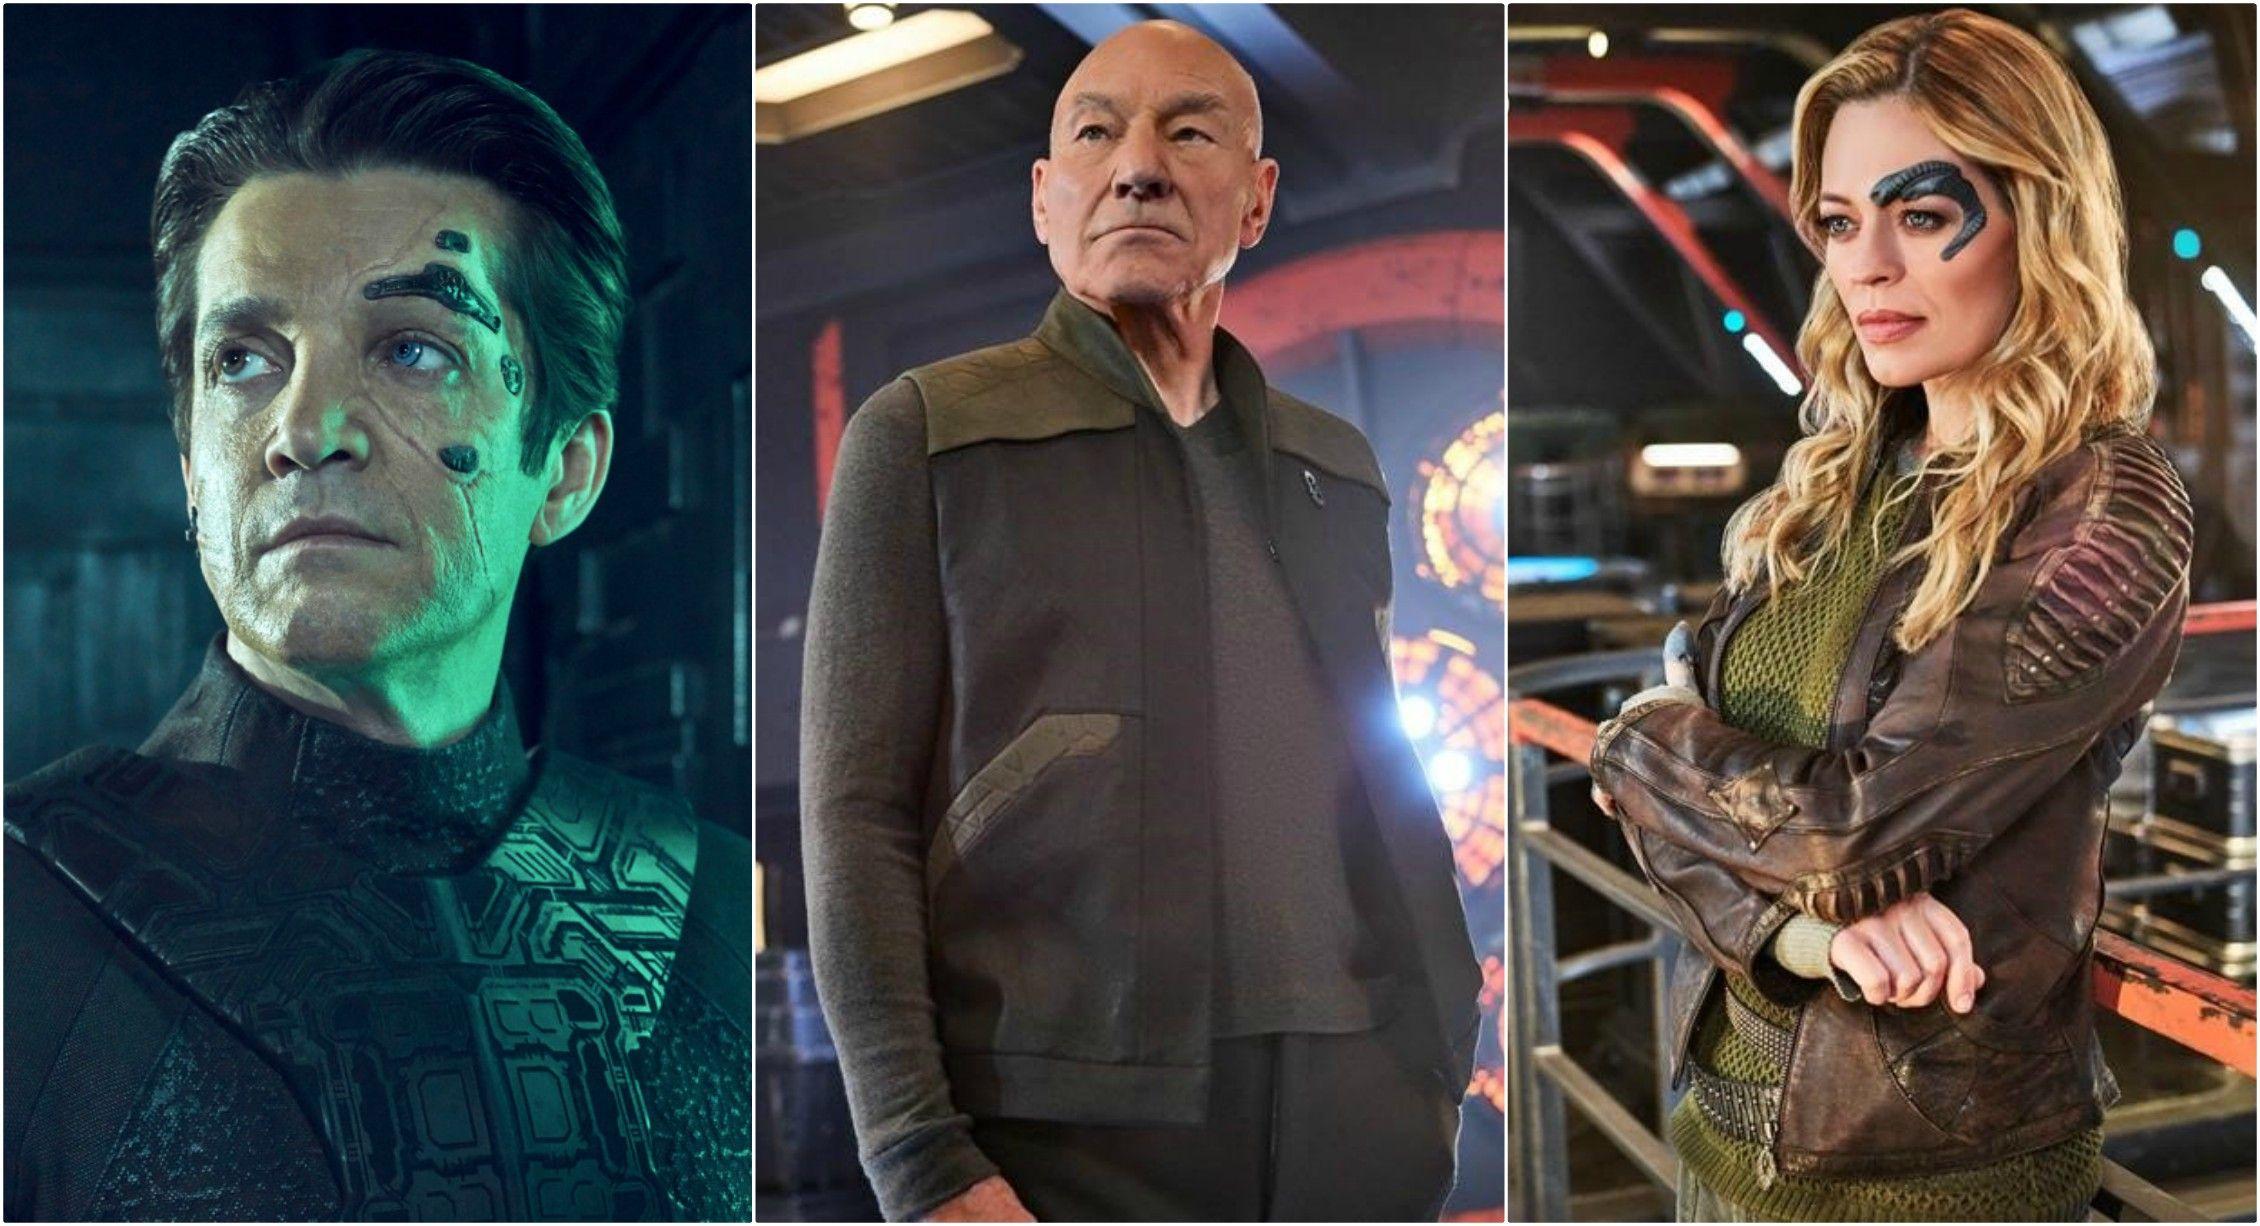 Quién es quién en 'Picard', la serie de 'Star Trek' en Amazon